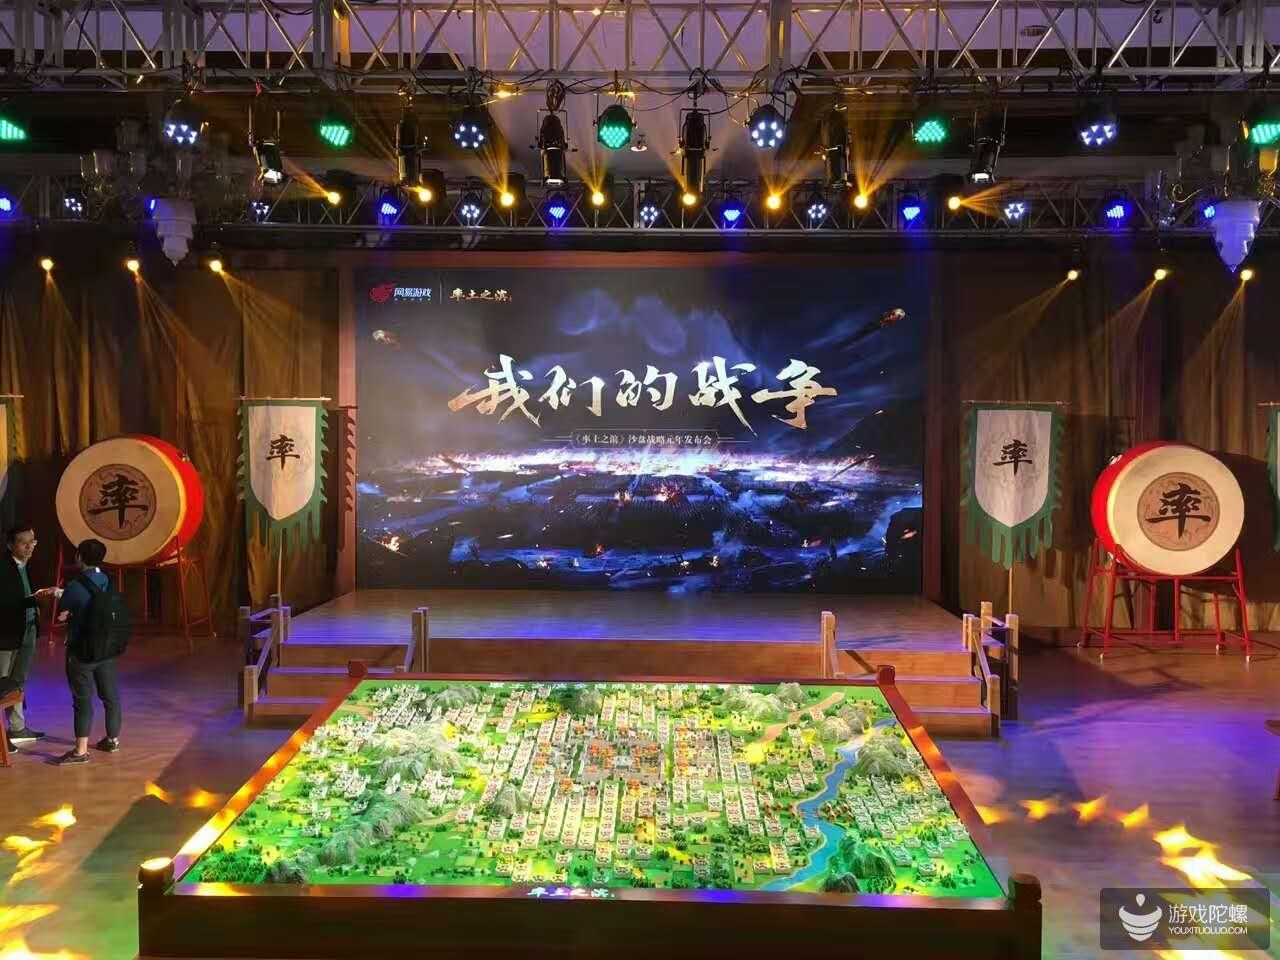 网易市场部总经理郑德伟:《率土之滨》的魅力被低估  要投1亿做营销